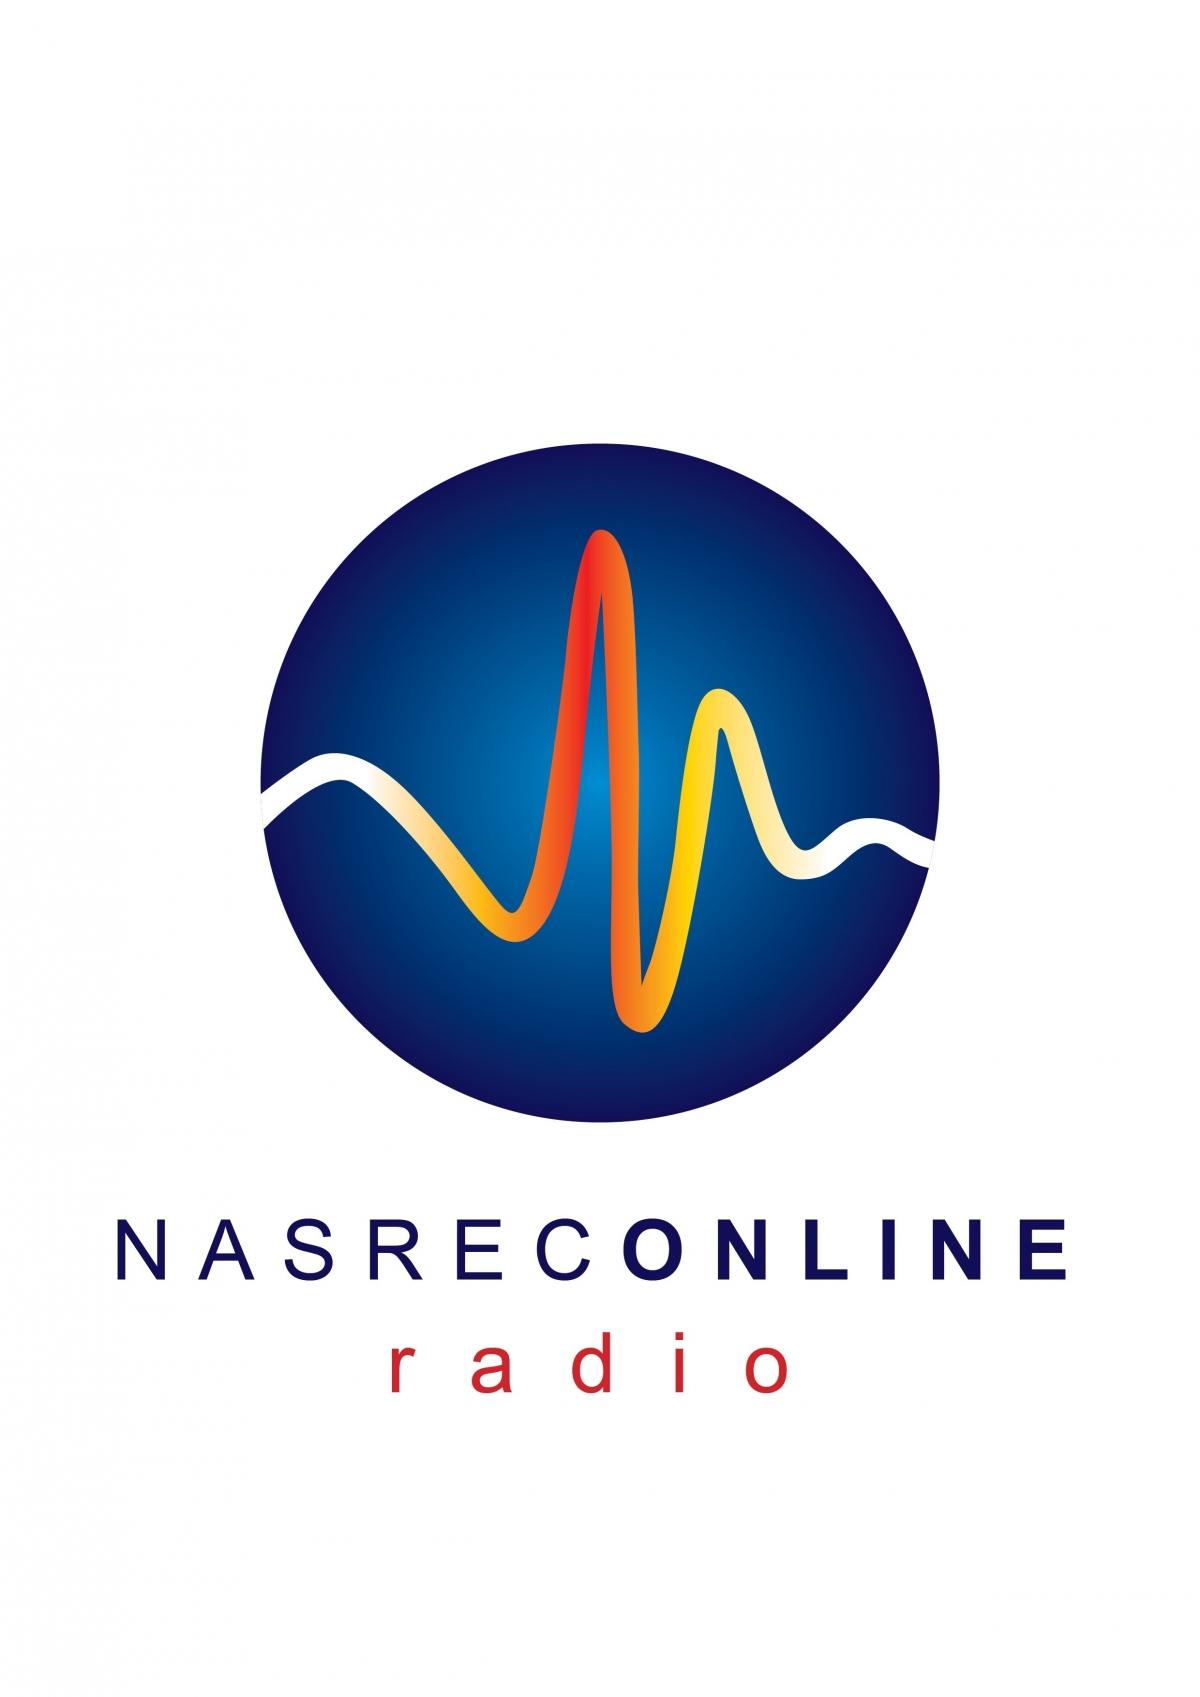 Nasrec Online Radio